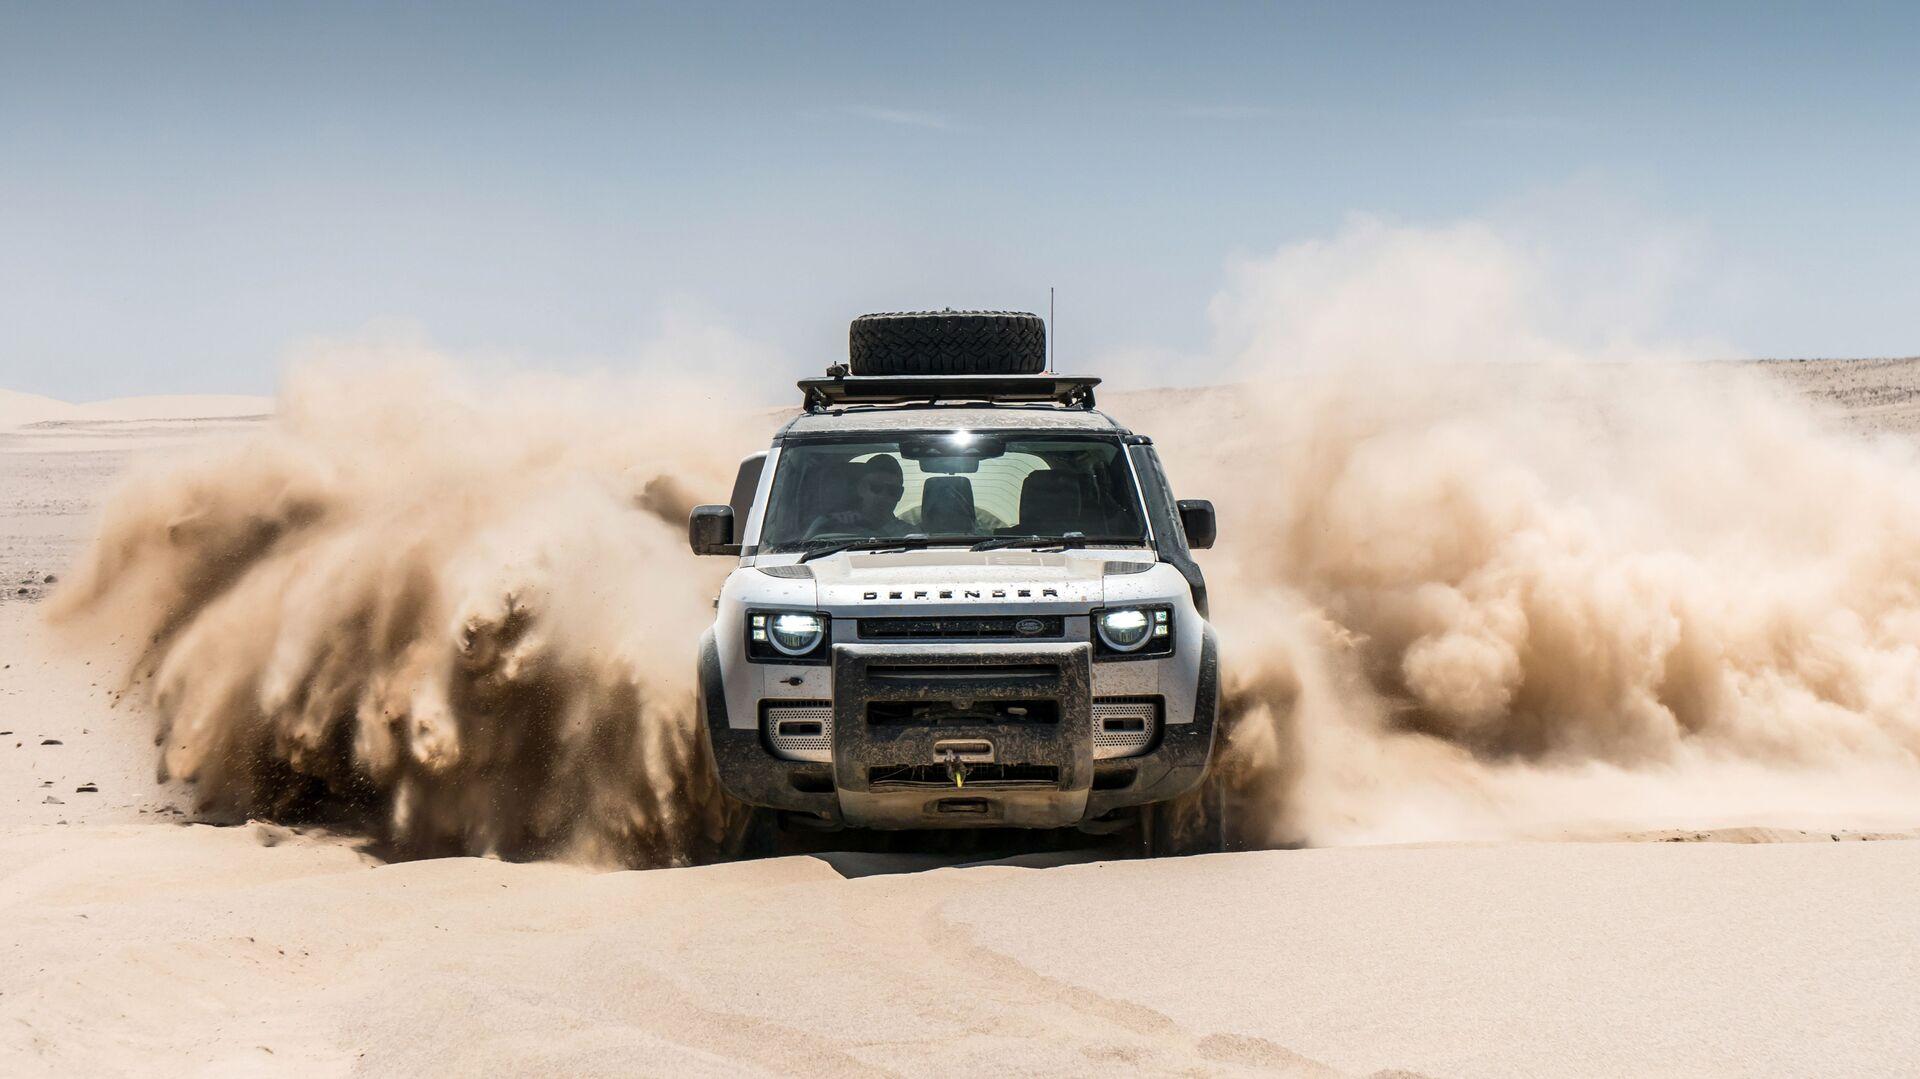 Автомобиль Land Rover Defender в пустыне в Намибии - Sputnik Italia, 1920, 17.06.2021